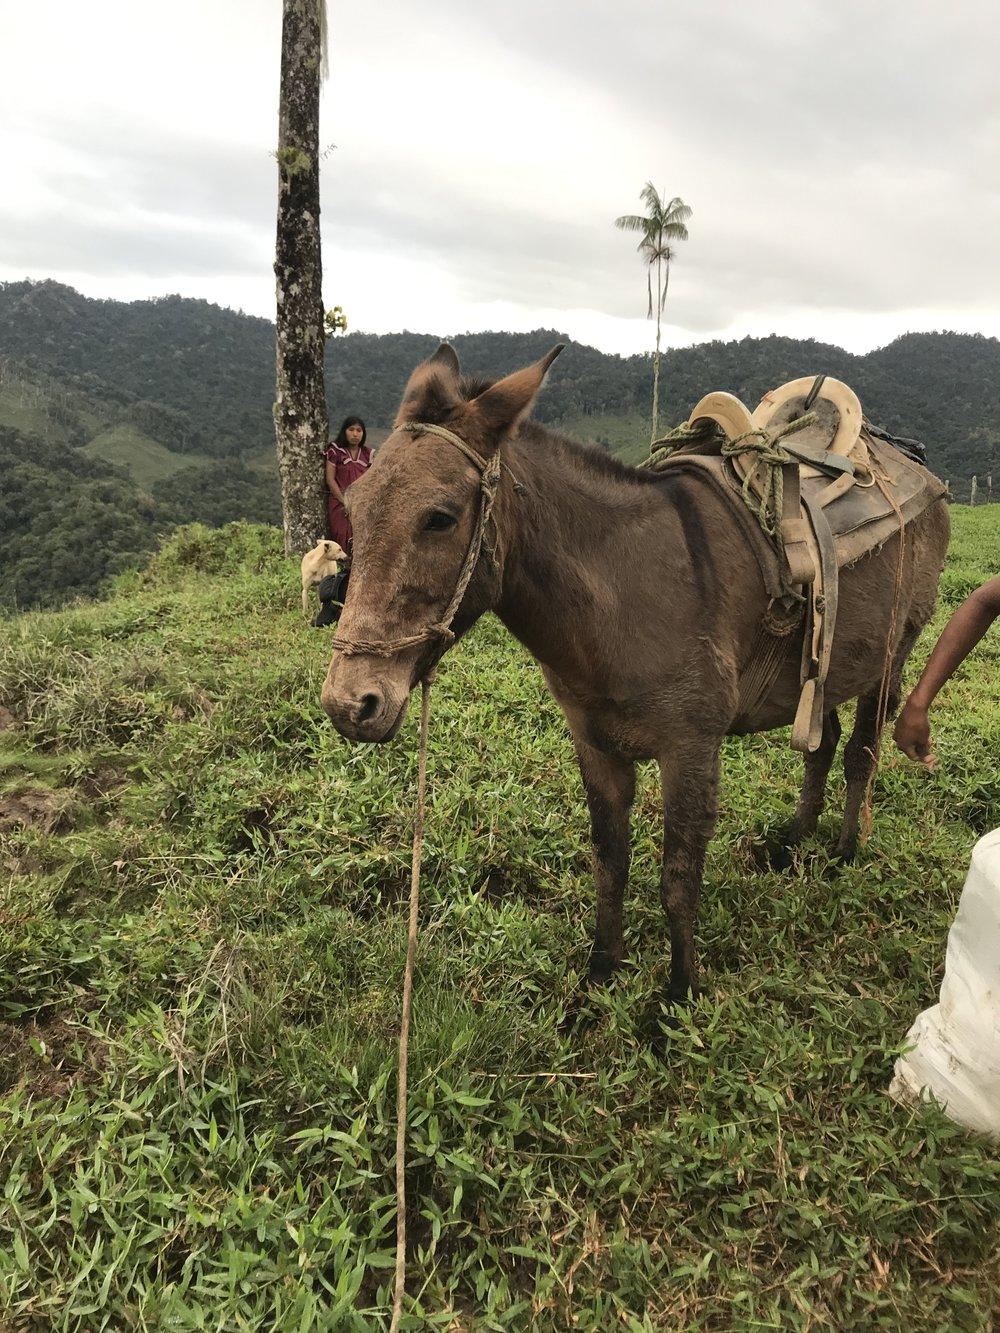 Poor mule guy